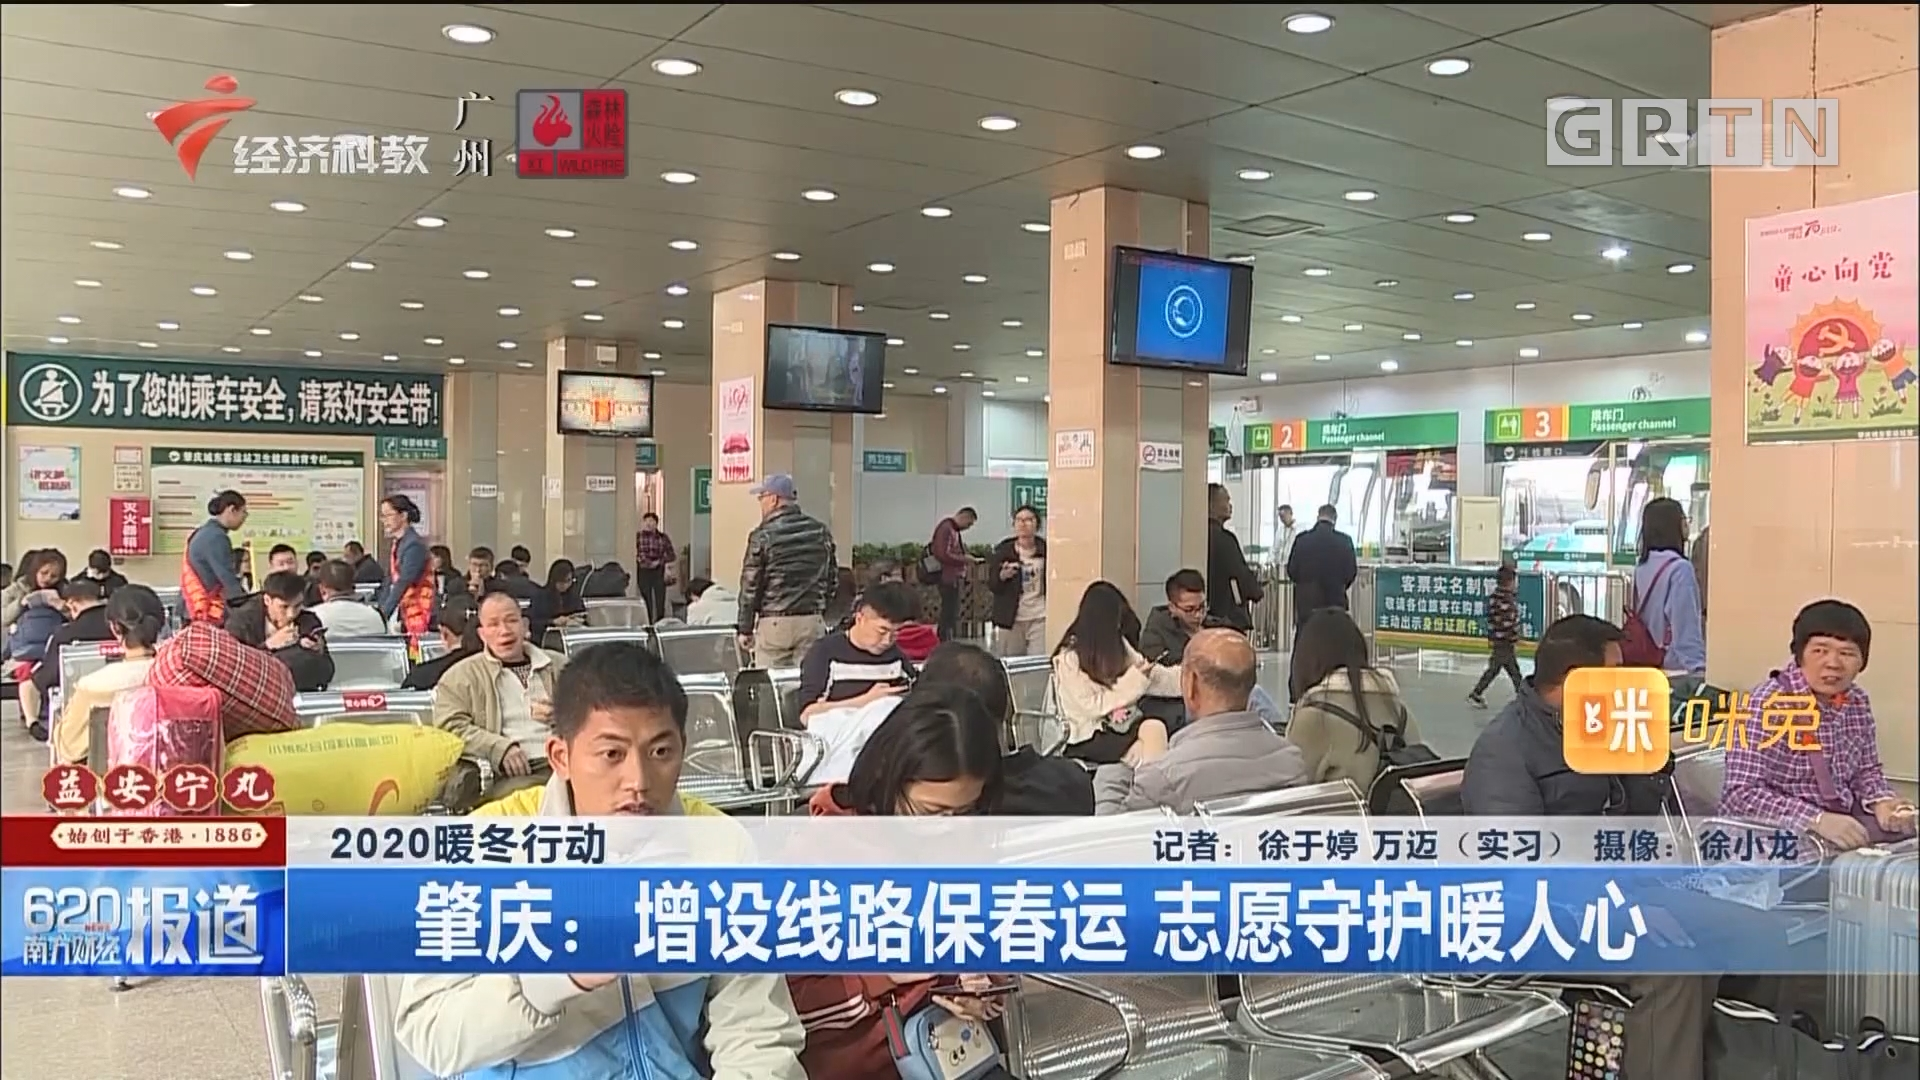 2020暖冬行动 肇庆:增设线路保春运 志愿守护暖人心